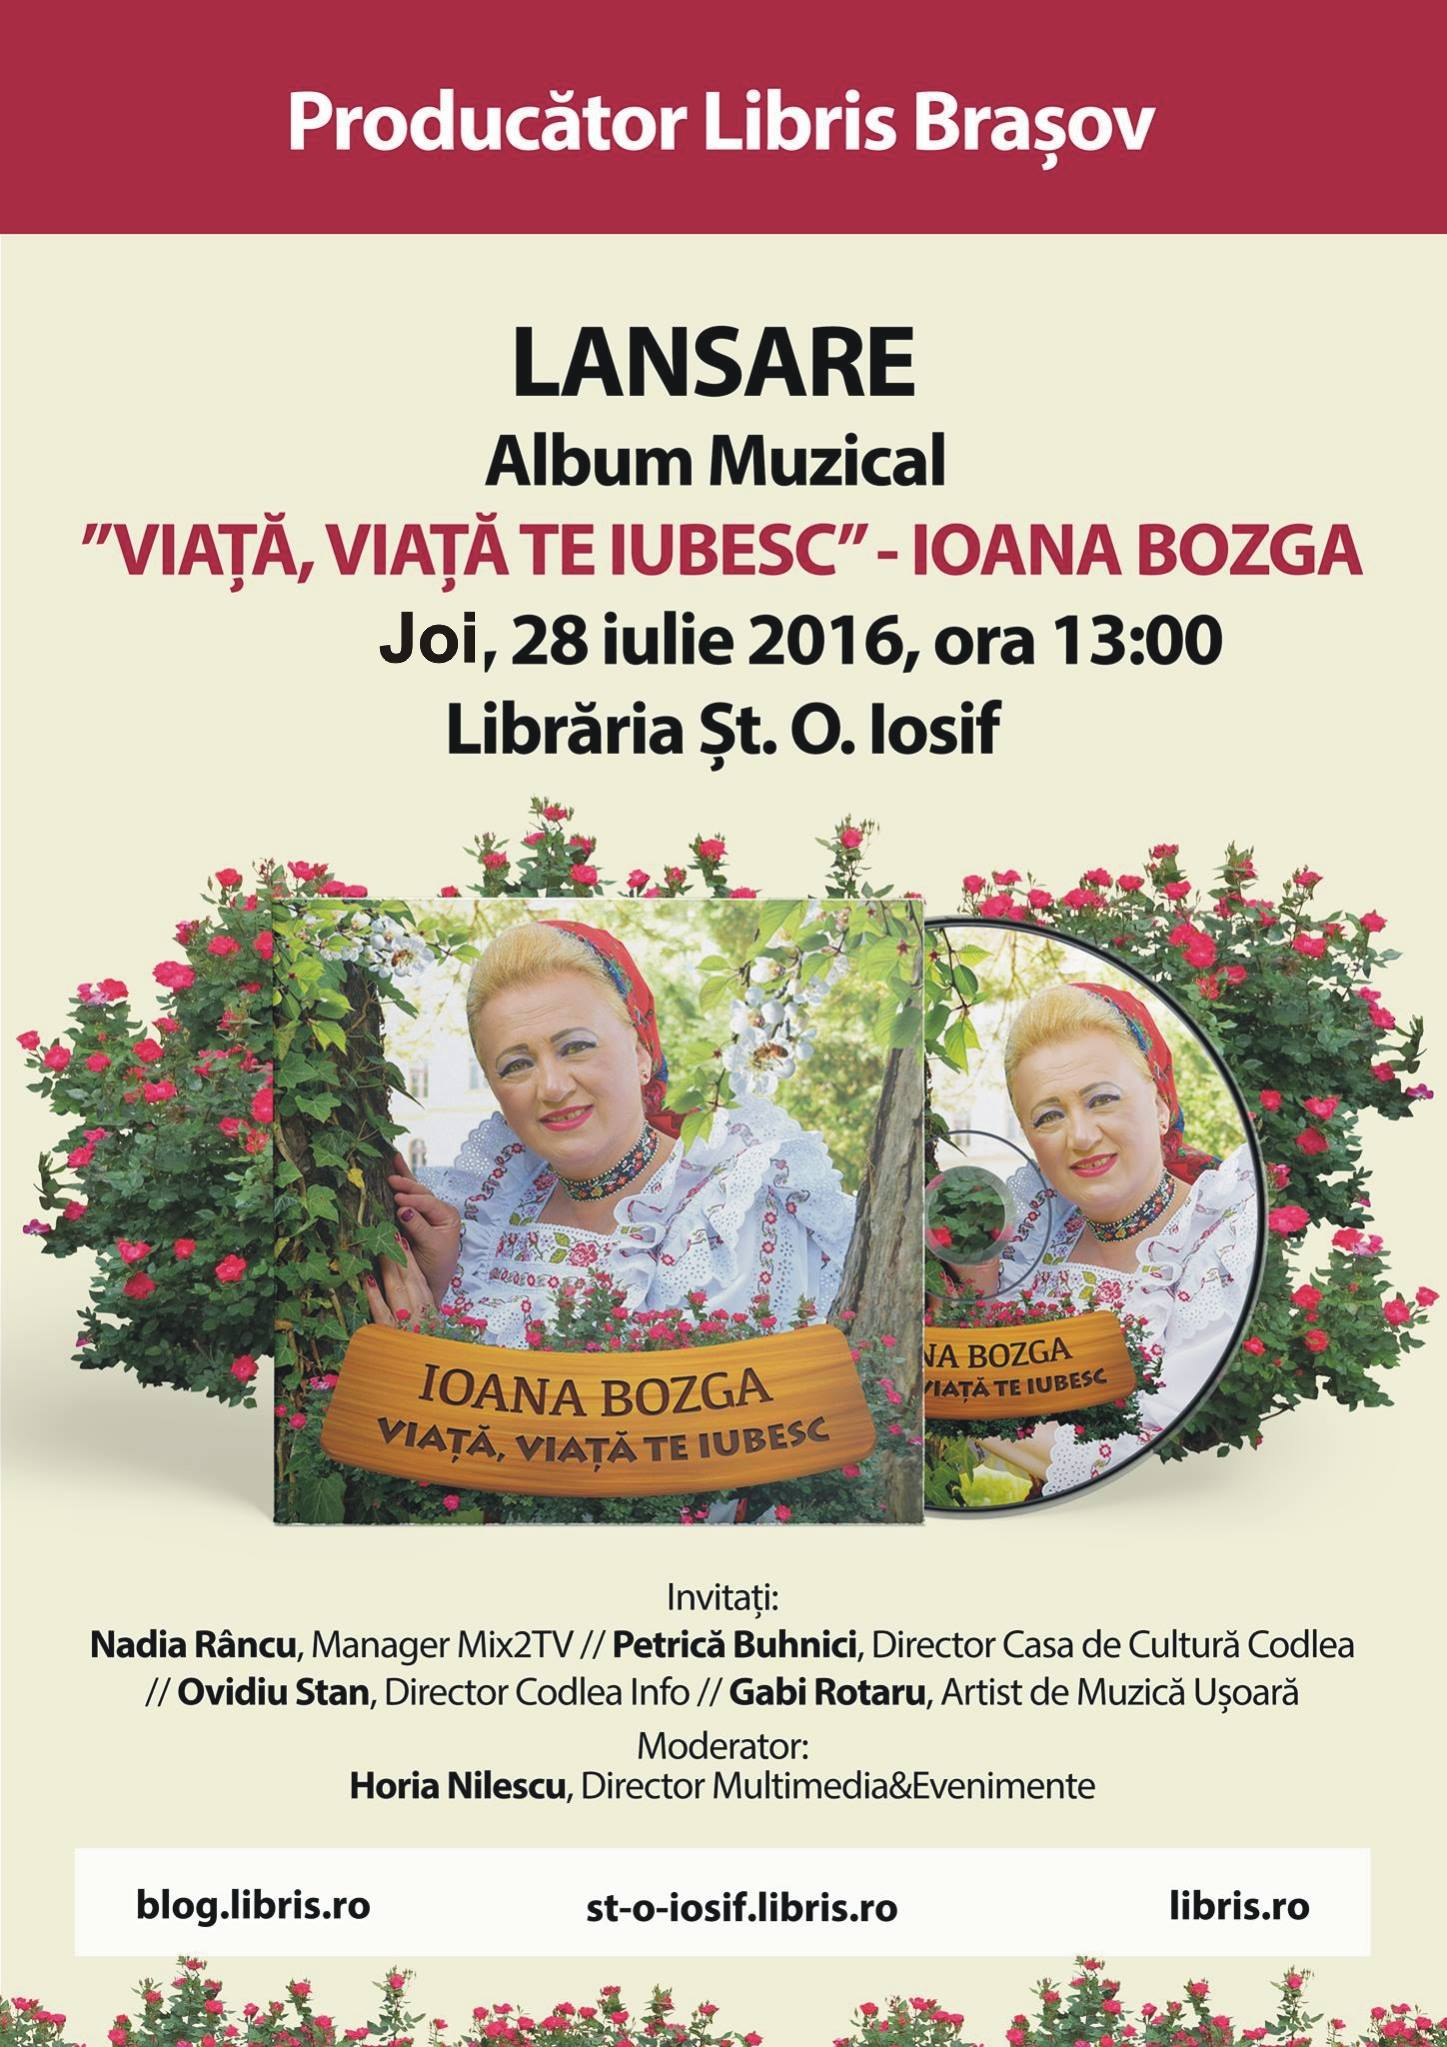 Lansare CD Ioana Bozga